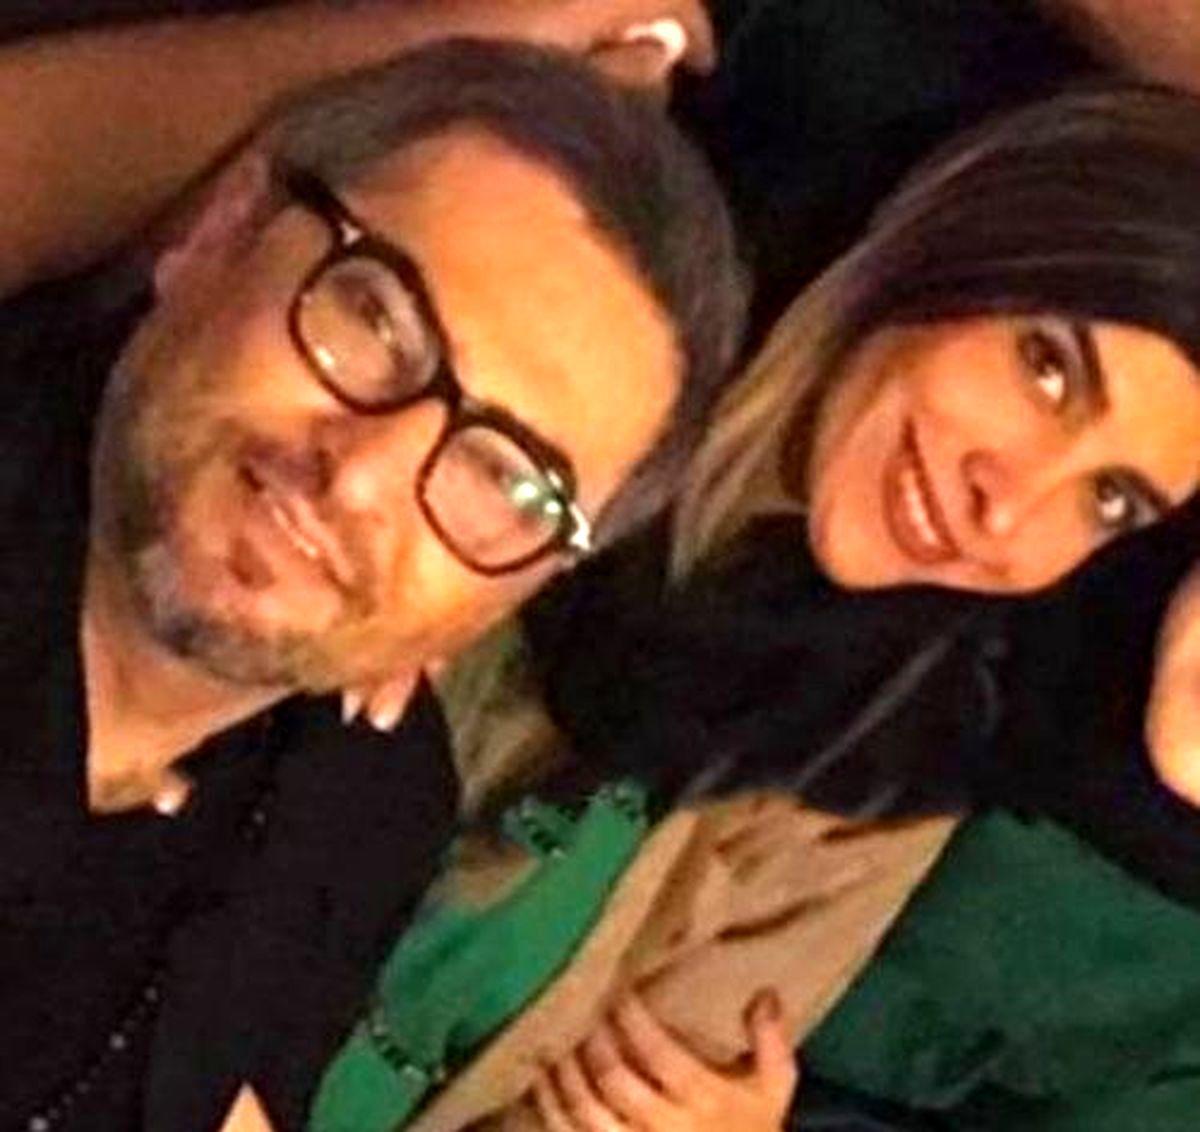 همسر مو بلوند و فشن مهرداد میناوند + عکس